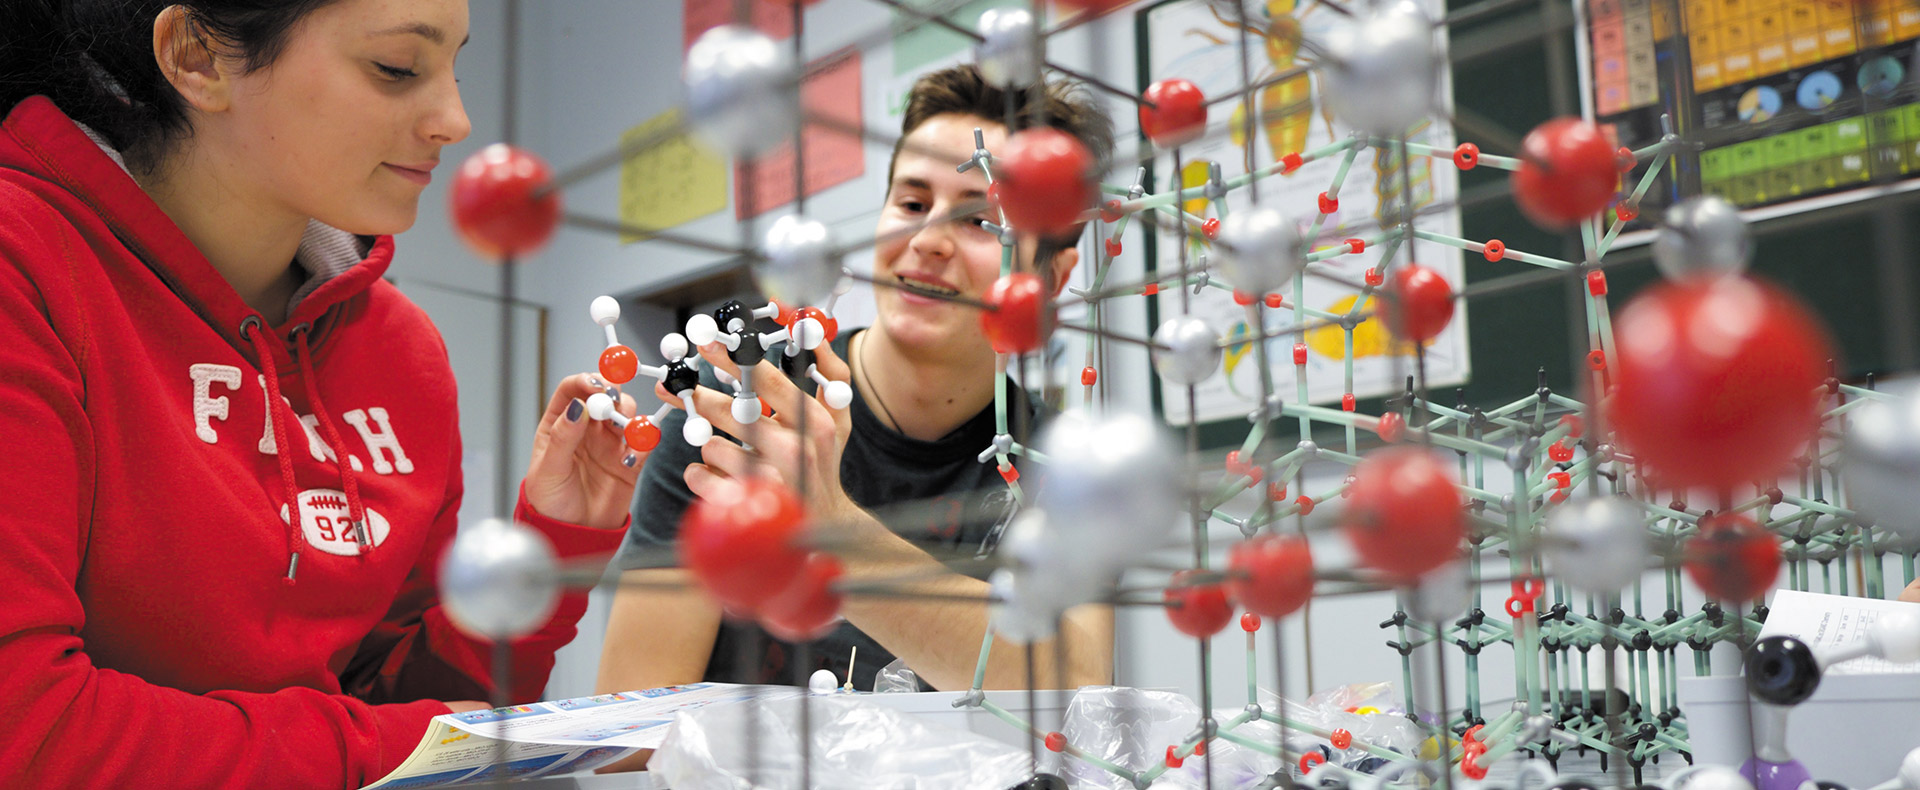 Studenti della scuola Svizzera di Milano in un laboratorio scientifico